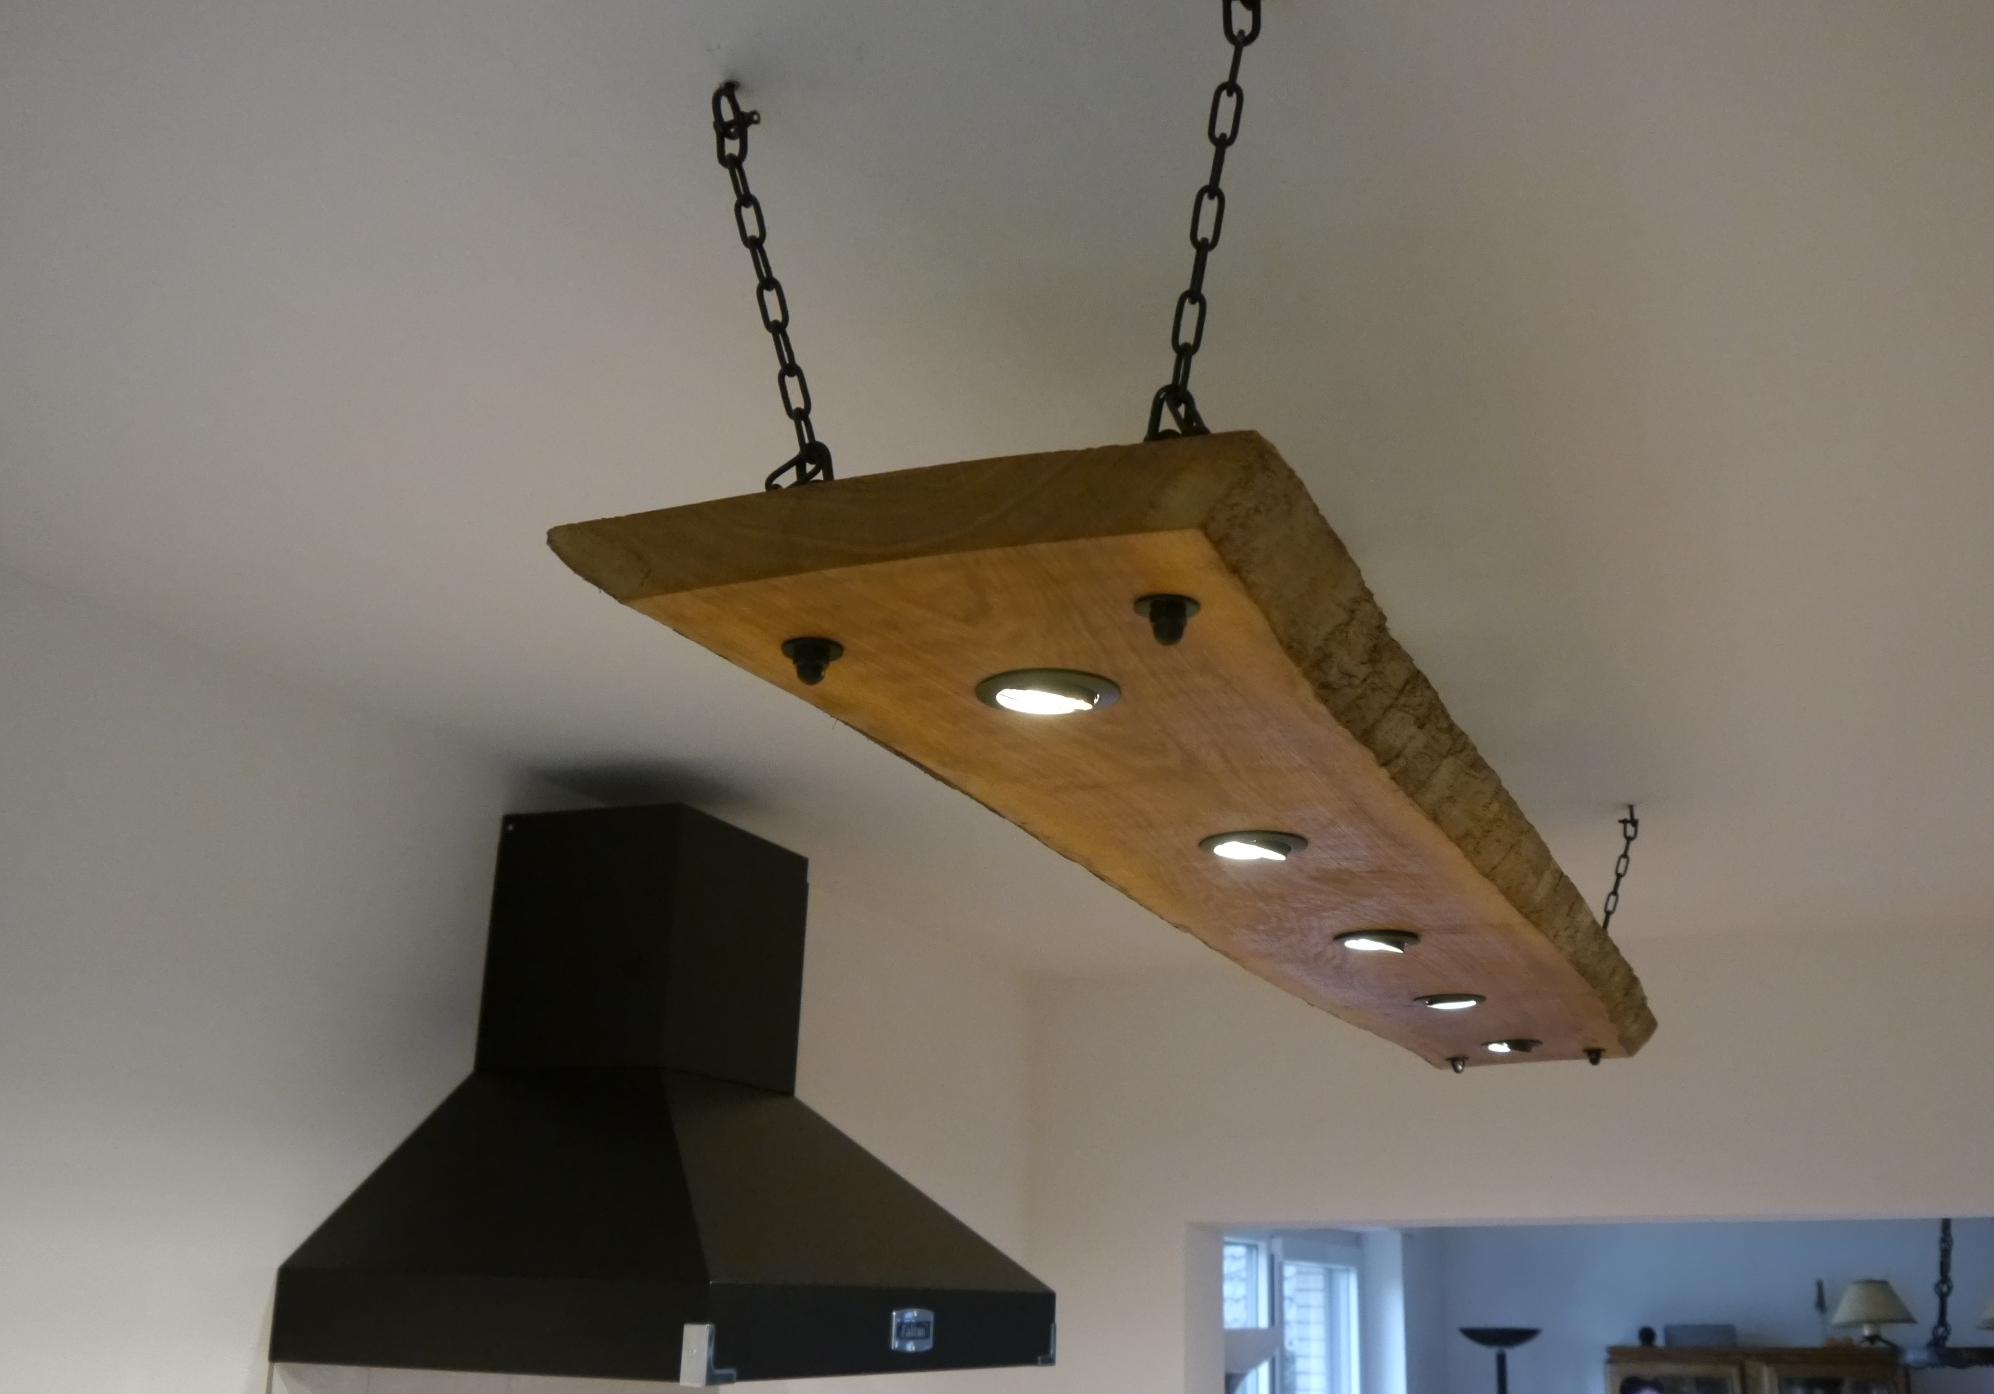 Kuche lampe - Lampe kuche esszimmer ...